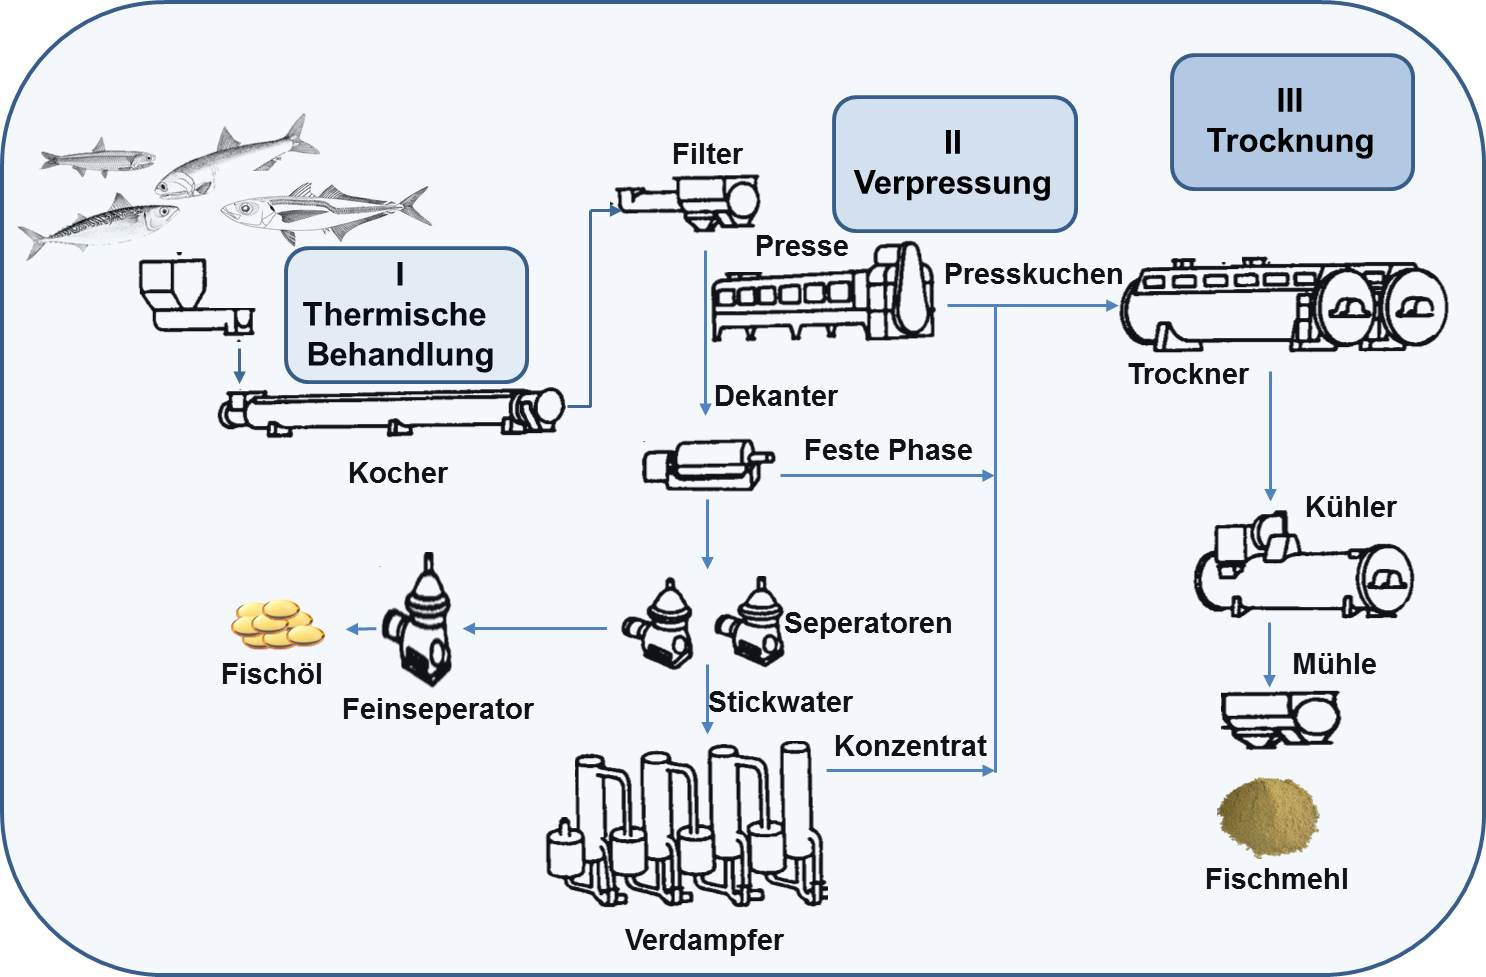 Produktion von Fischmehl